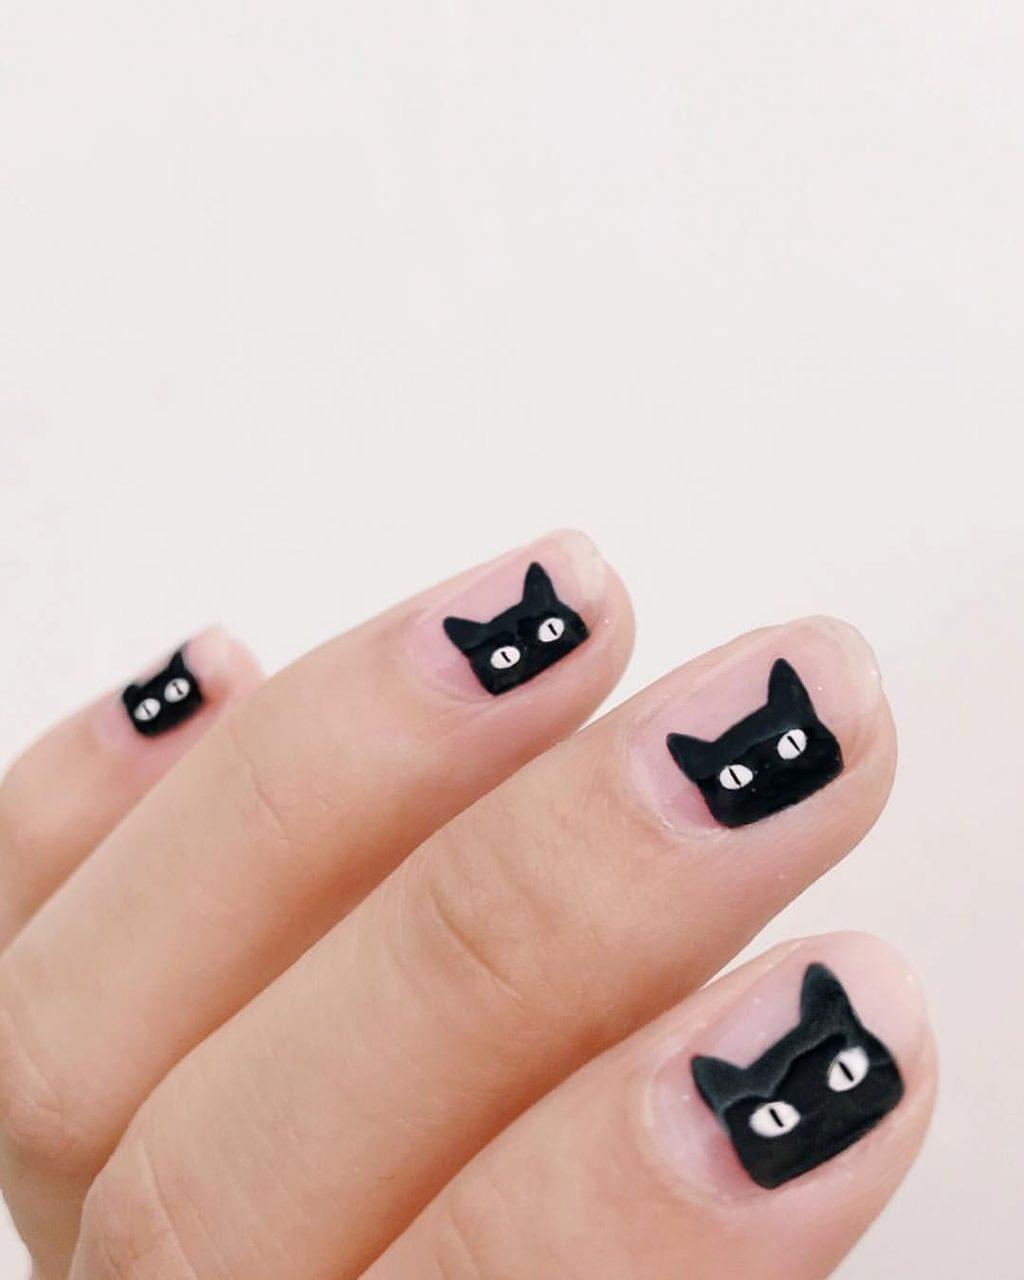 móng tay hình mèo đen